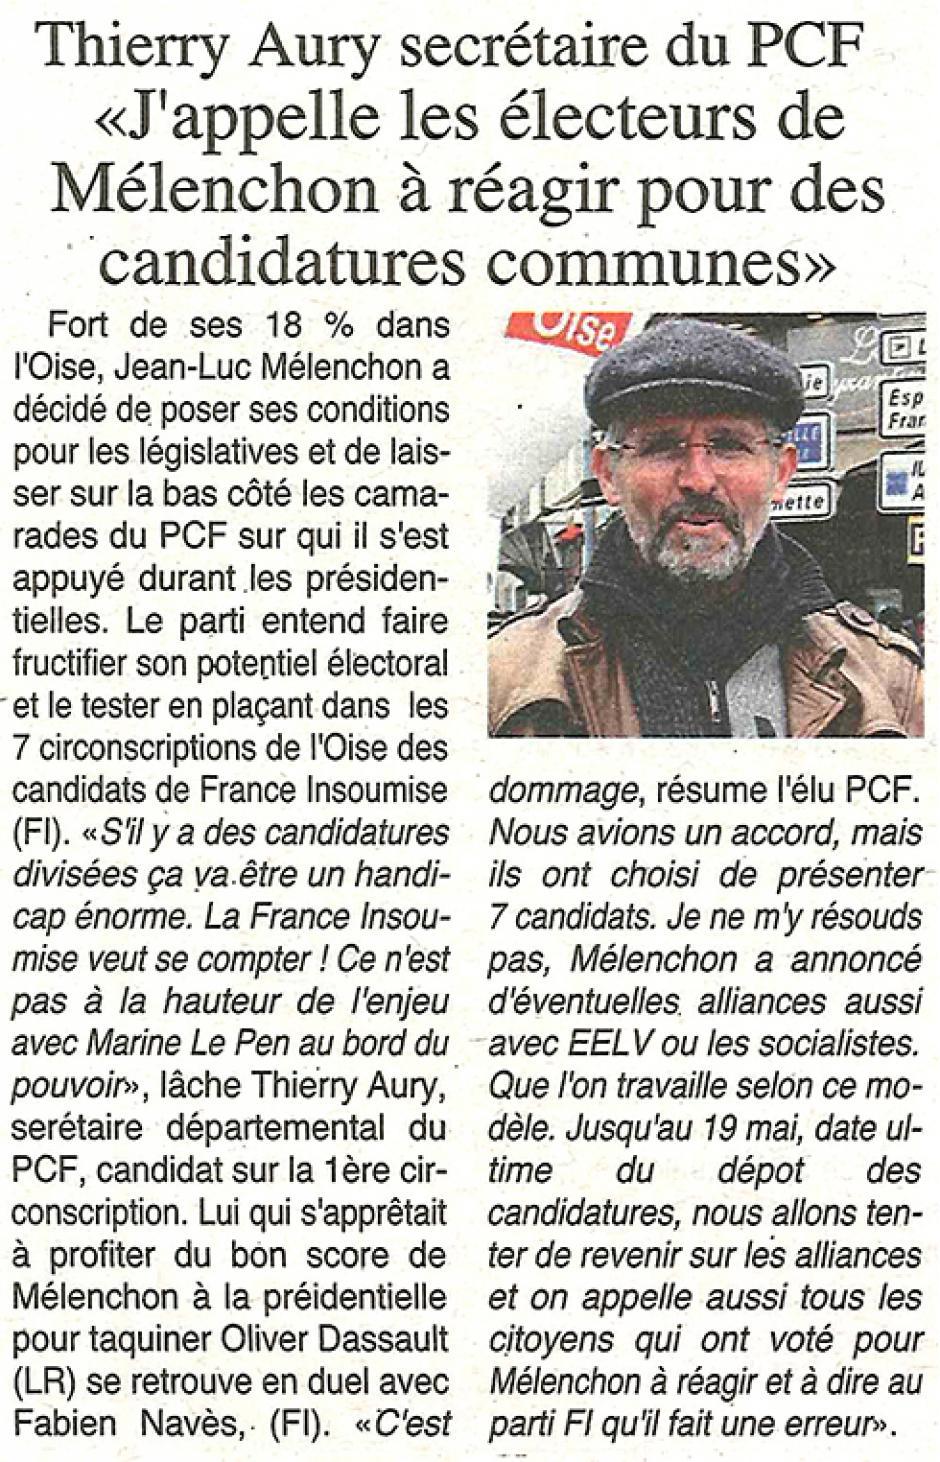 20170503-OH-Oise-L2017-Thierry Aury, secrétaire du PCF : « J'appelle les électeurs de Mélenchon à réagir pour des candidatures communes »